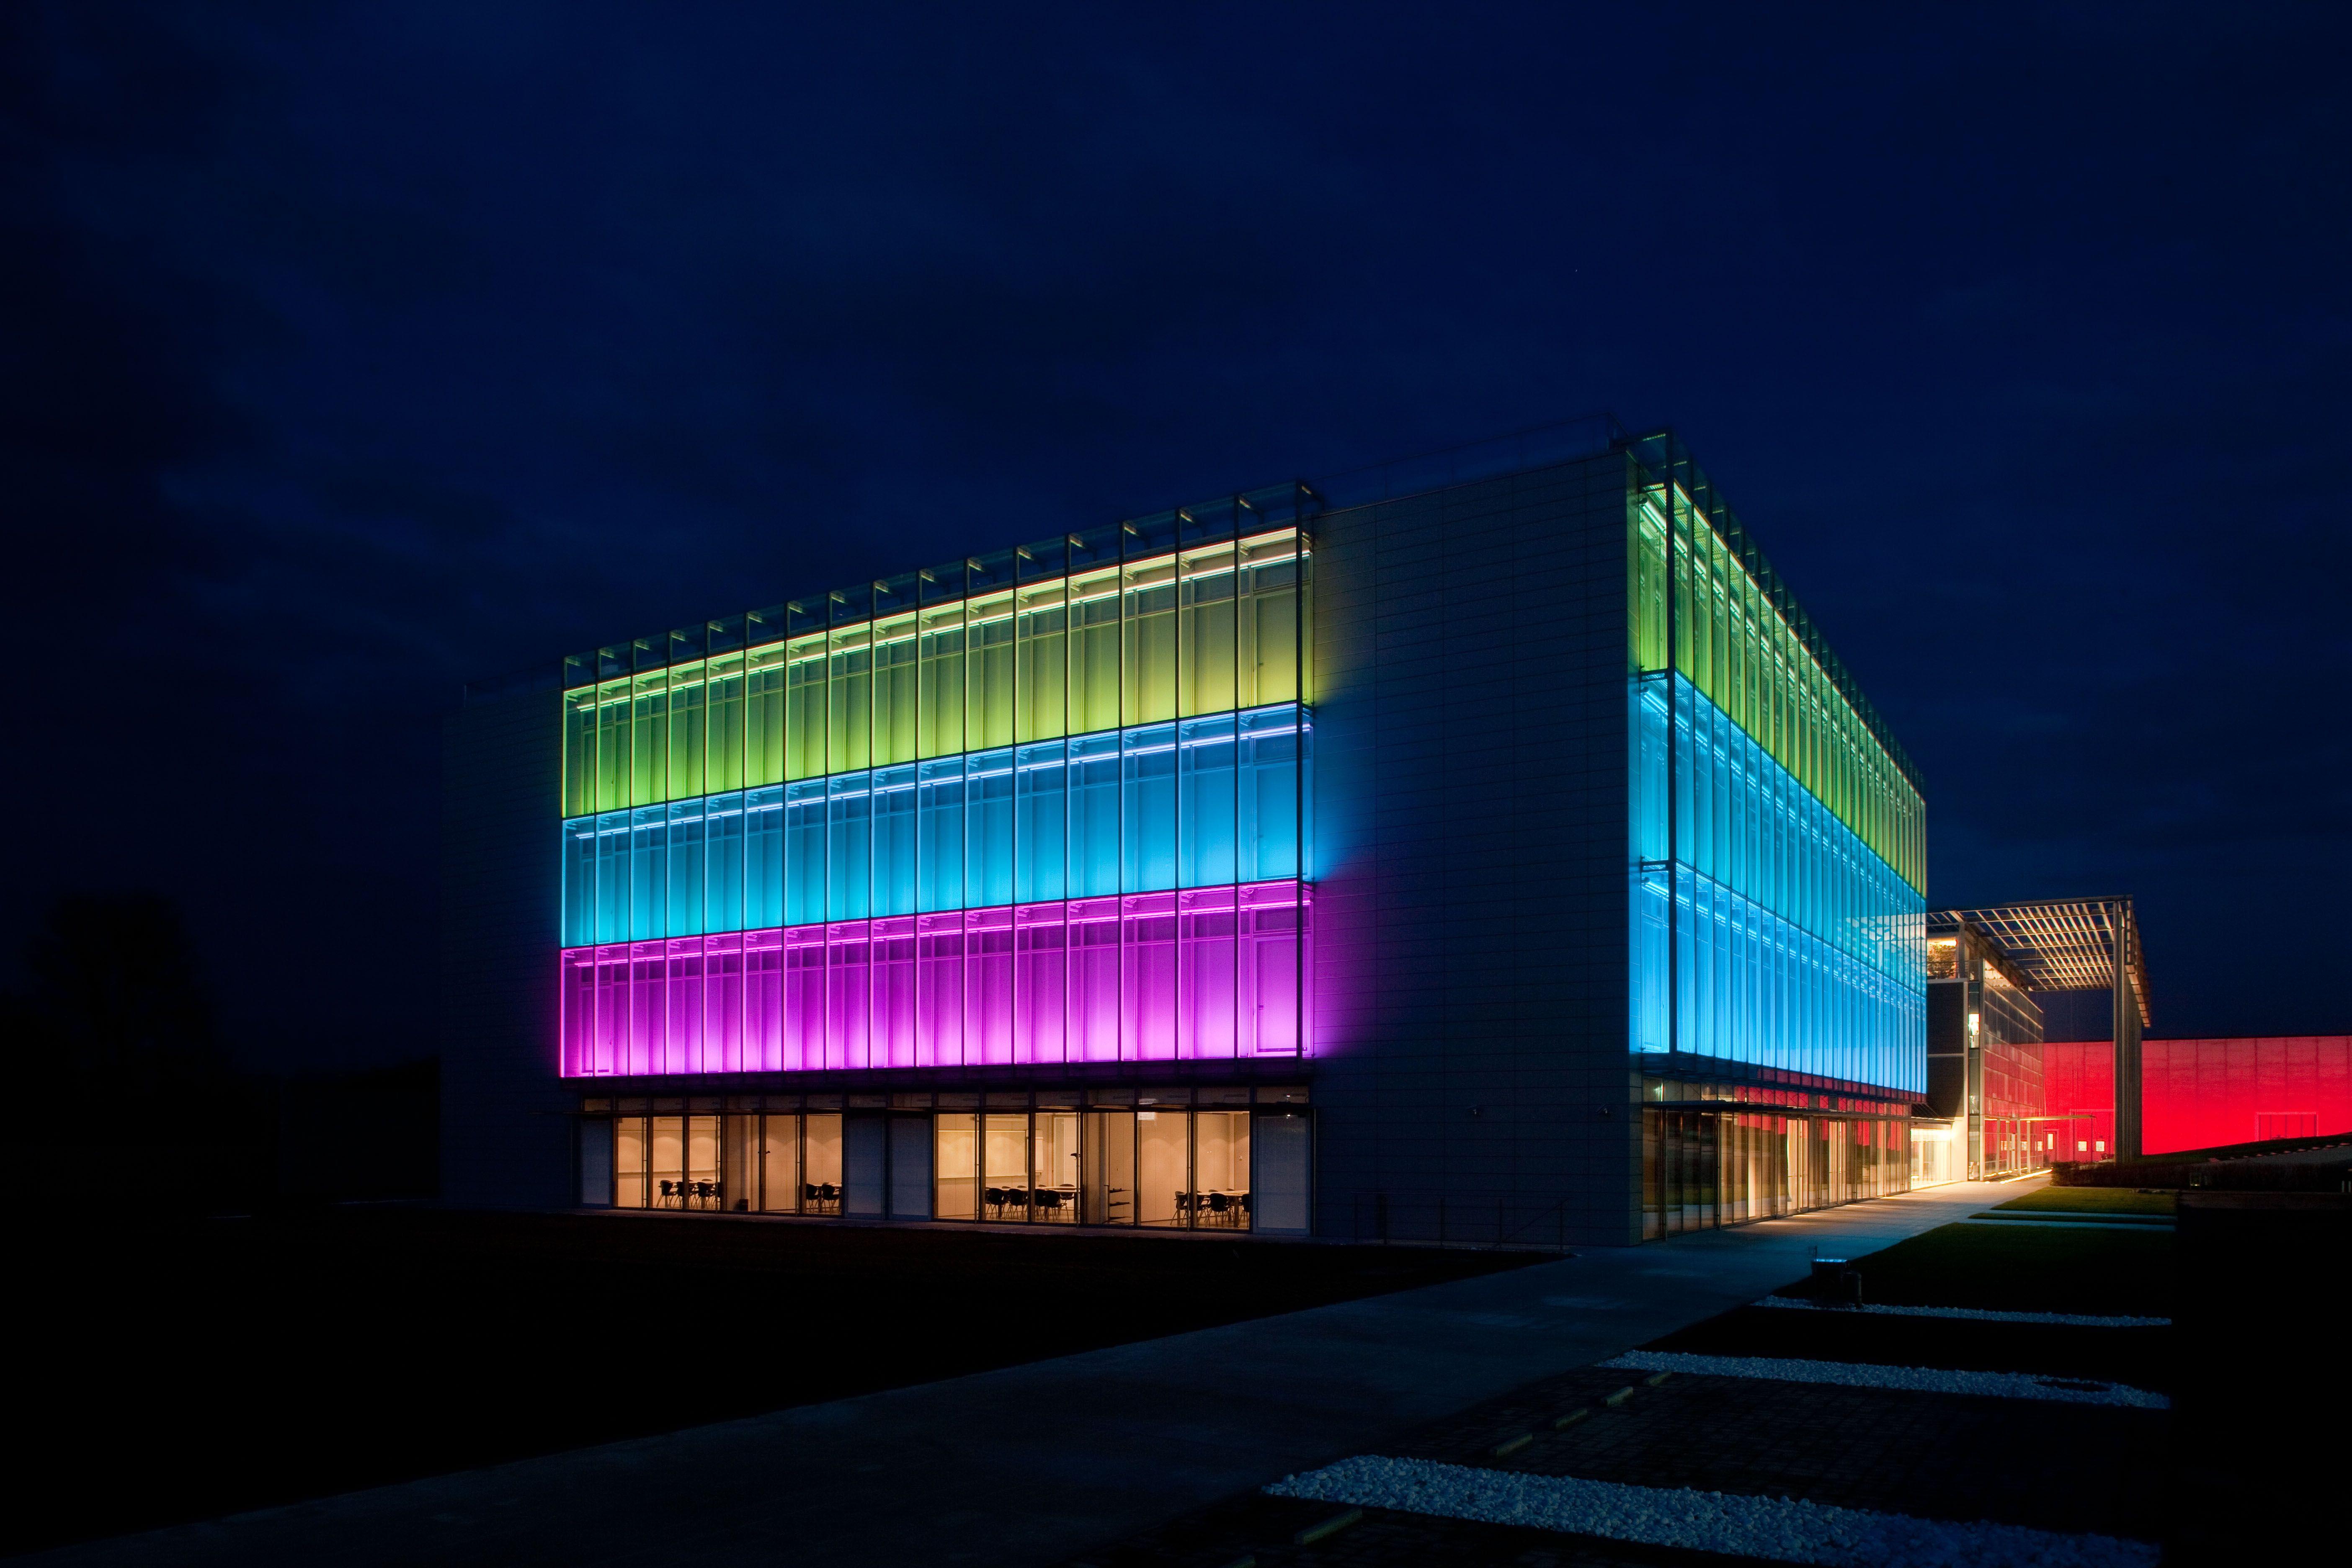 Laboratorio della luce\